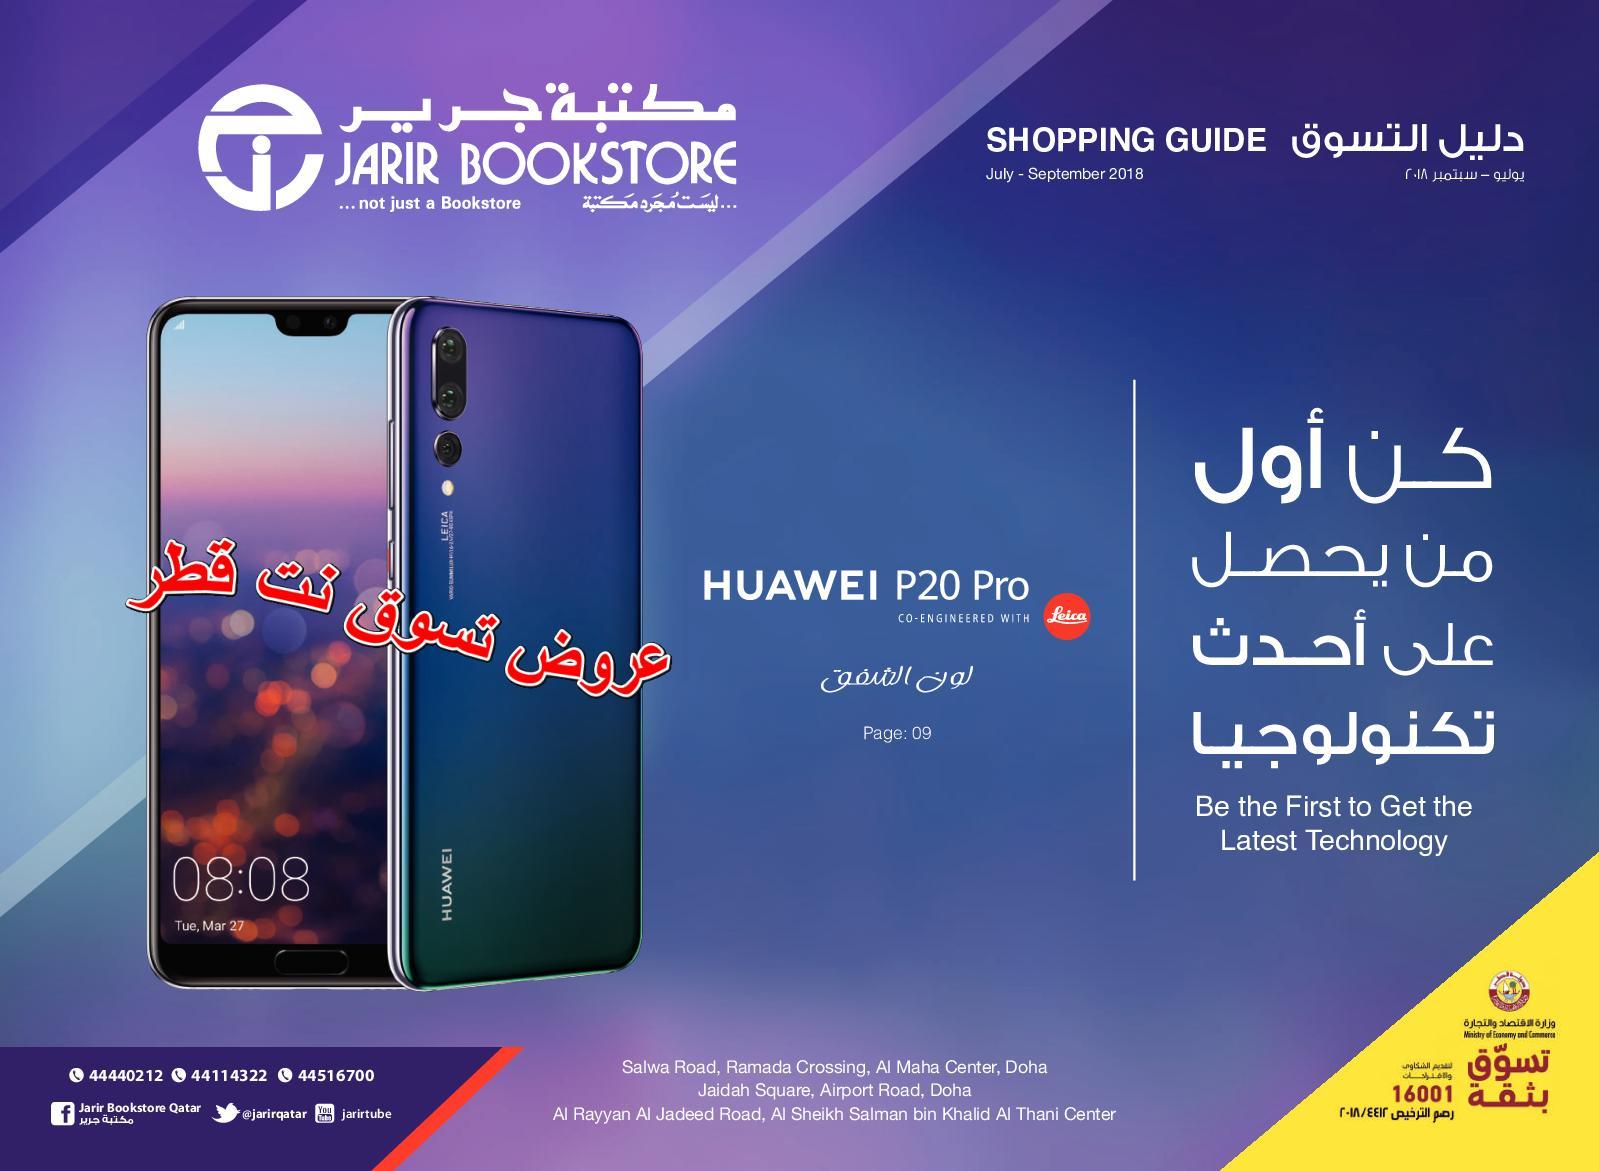 5db4ea36c دليل التسوق من جرير قطر يوليو - سبتمبر 2018 التكنولوجيا | تسوق نت